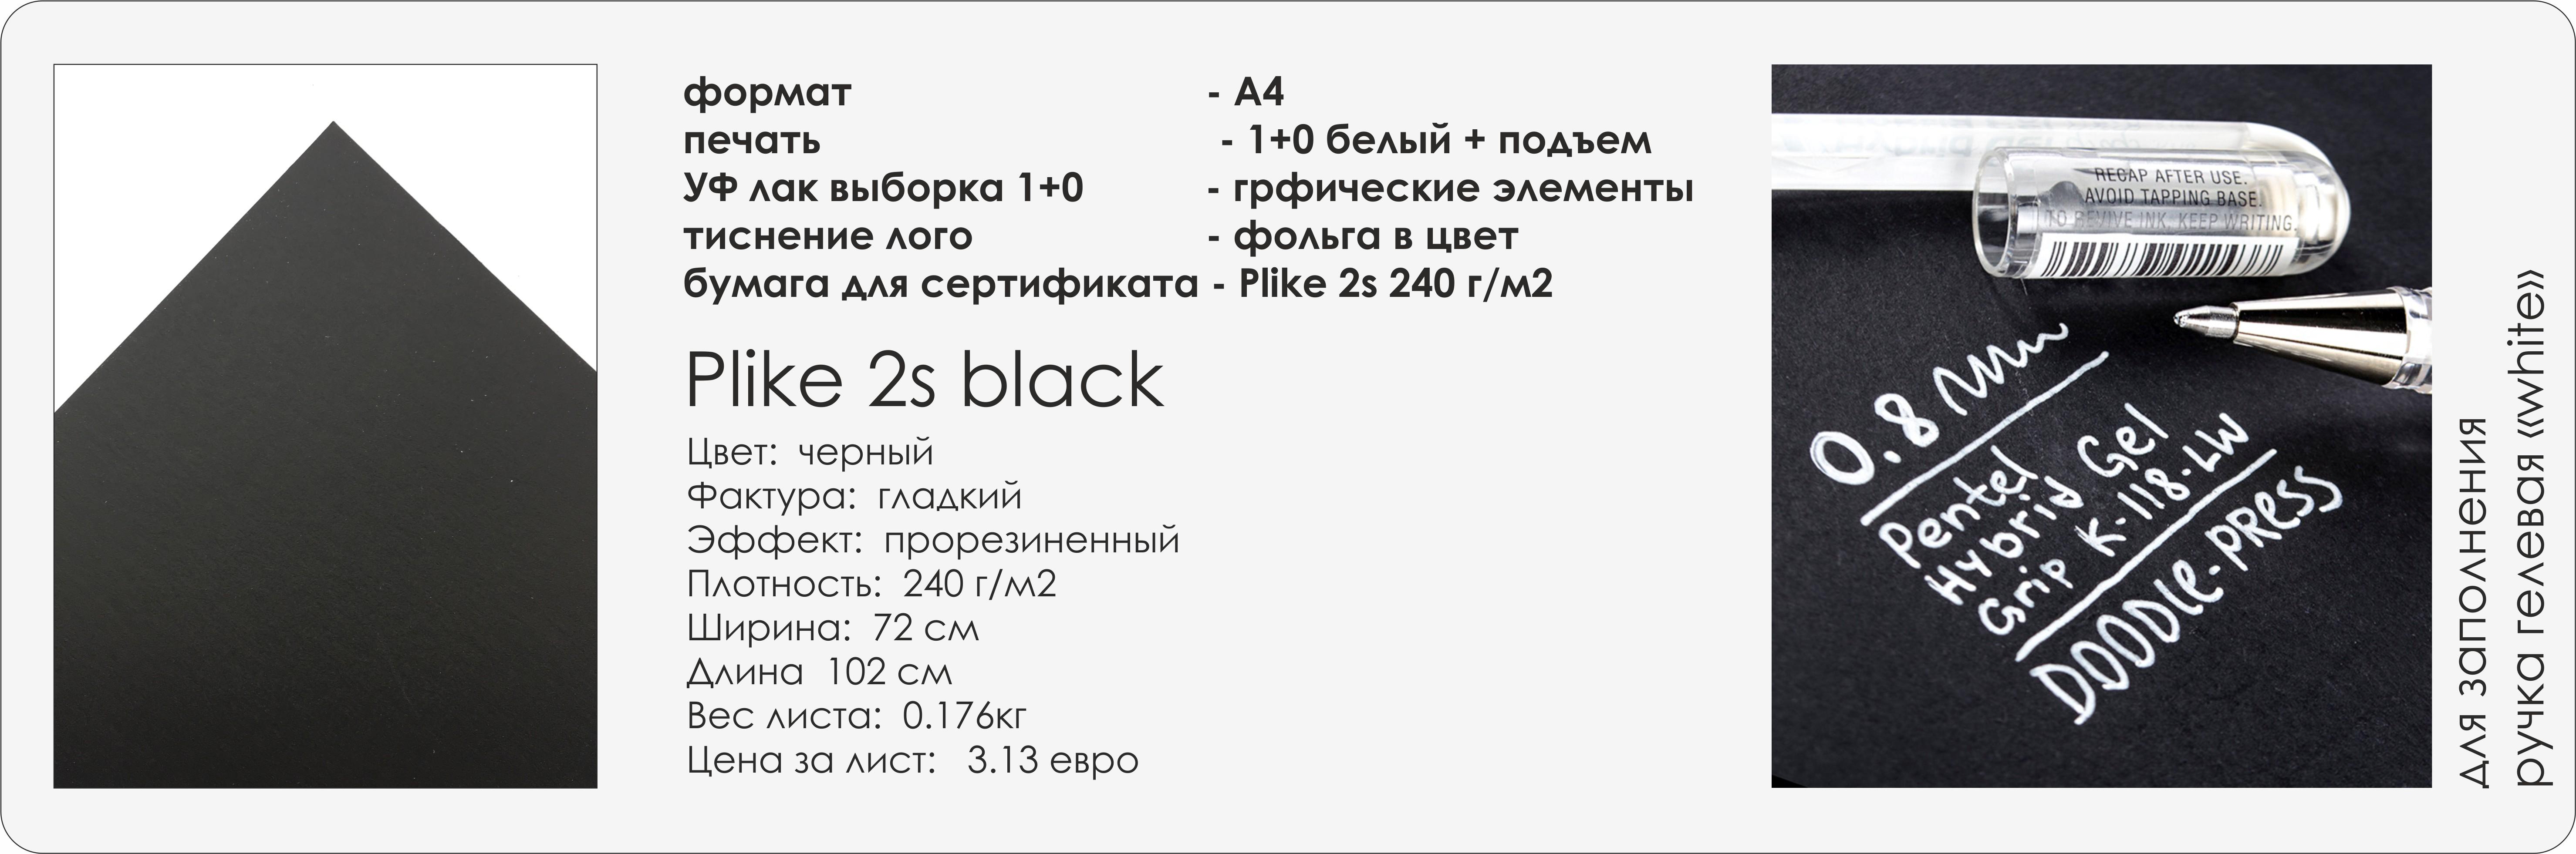 Дизайн  листовки А4 (разрешения правообладателя) фото f_12159e335616483f.jpg